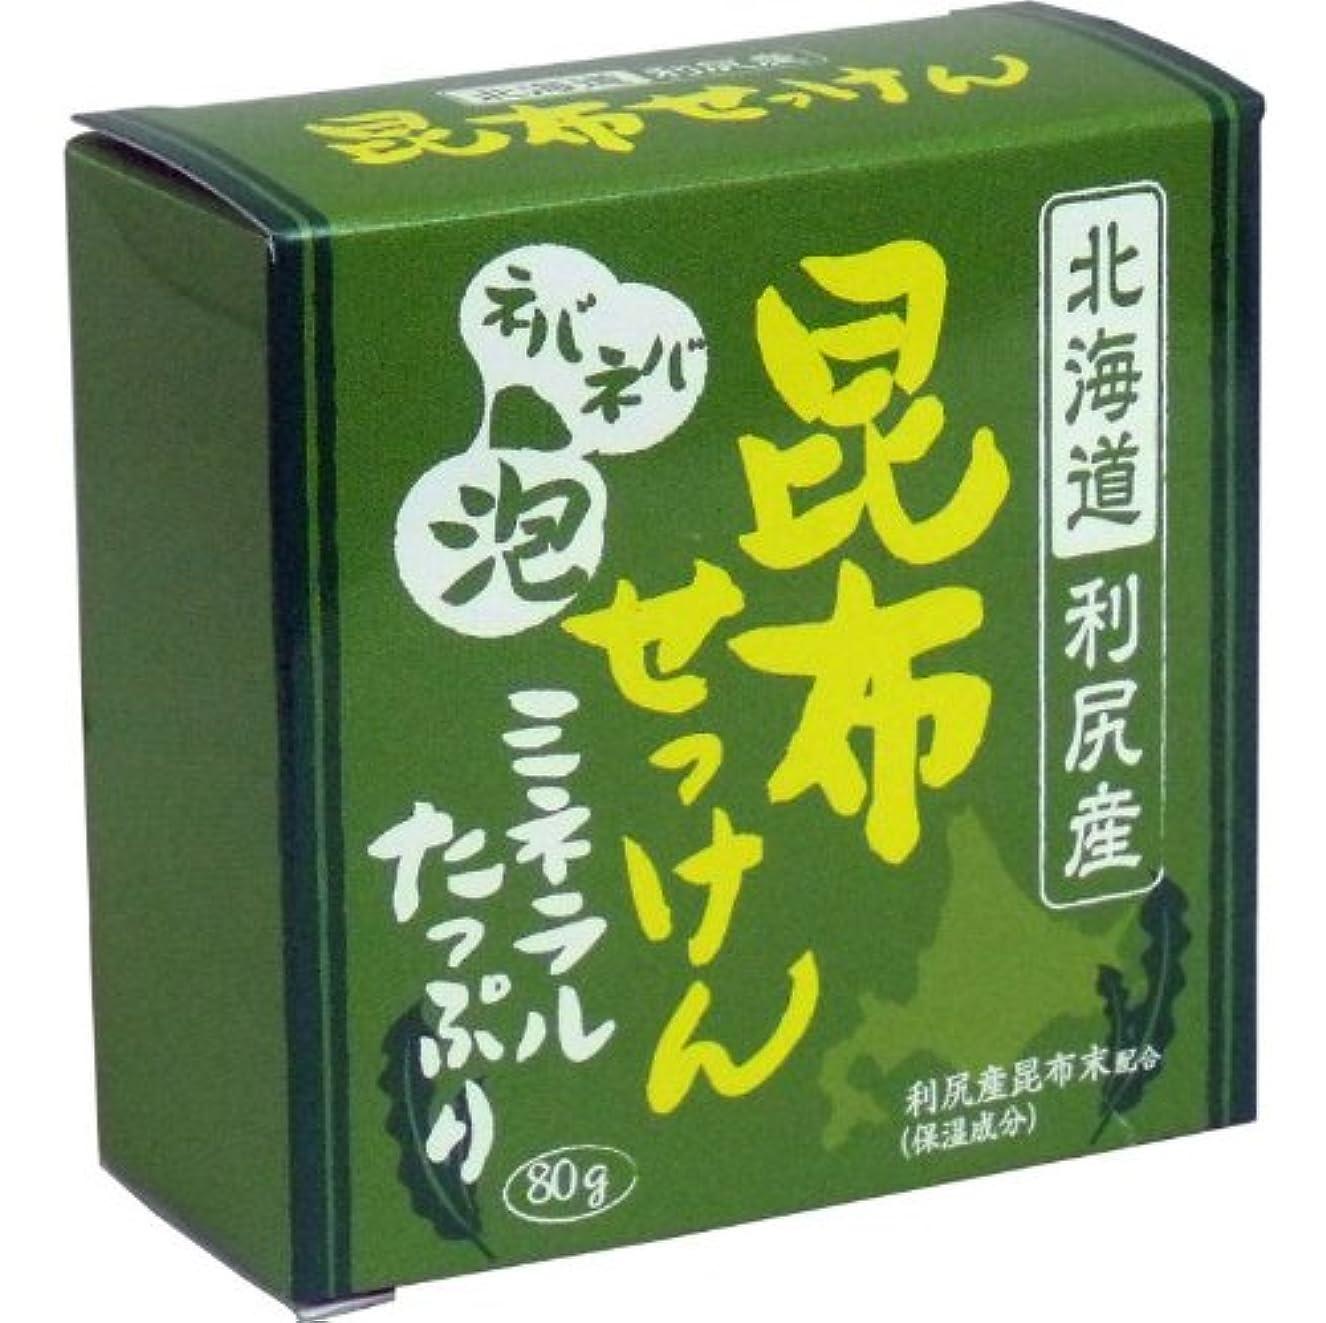 モンキーライド者北海道利尻産昆布末配合!!ミネラルたっぷりの化粧石鹸です!3個セット